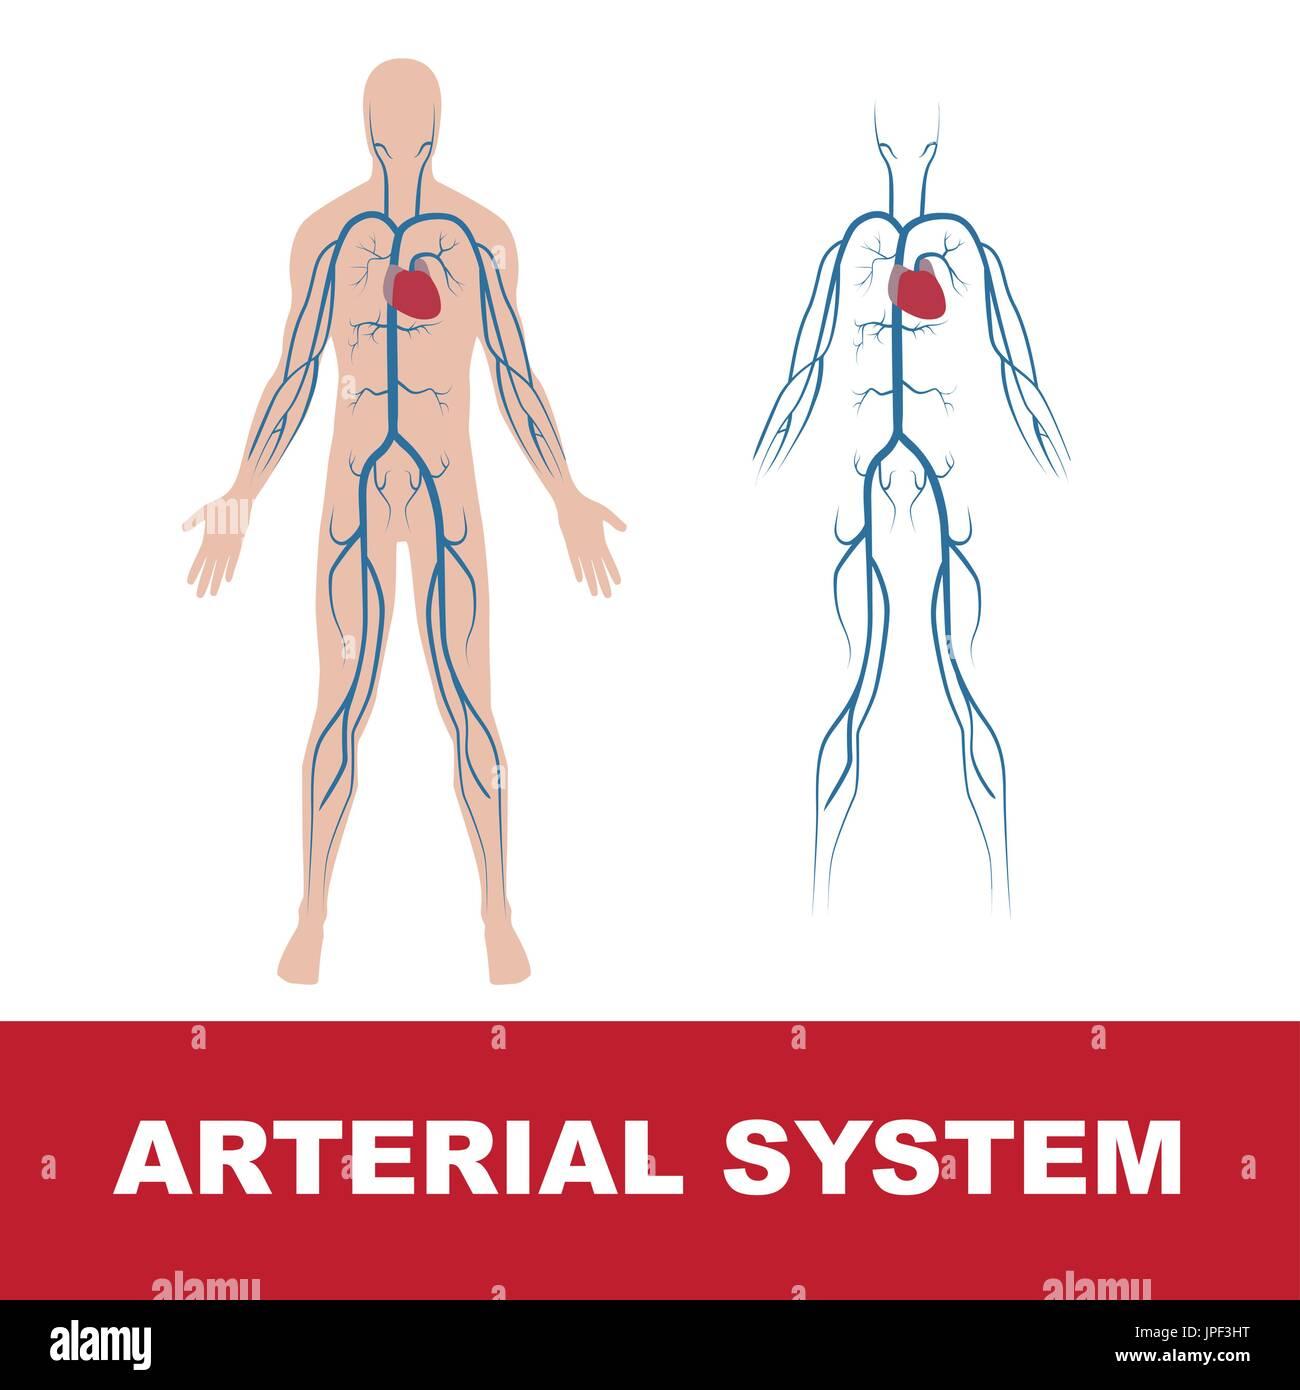 Des droits de l'illustration vectorielle système artériel isolé sur blanc. Cœur et artères principales du corps Illustration de Vecteur